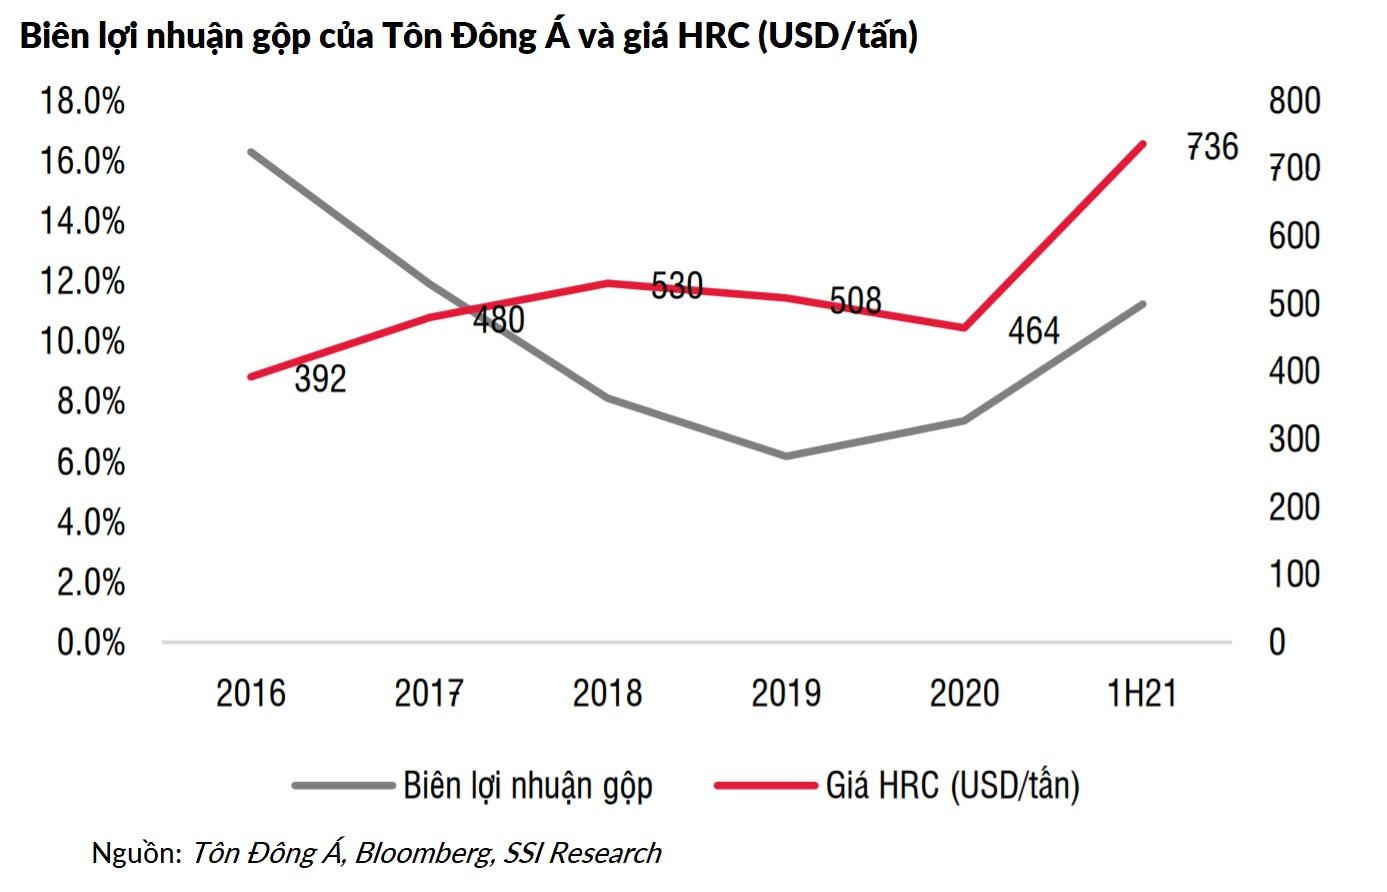 Tôn Đông Á chuẩn bị IPO và niêm yết: Trong top 3 thị phần tôn mạ, dự báo lợi nhuận 2021 cao kỷ lục - Ảnh 6.